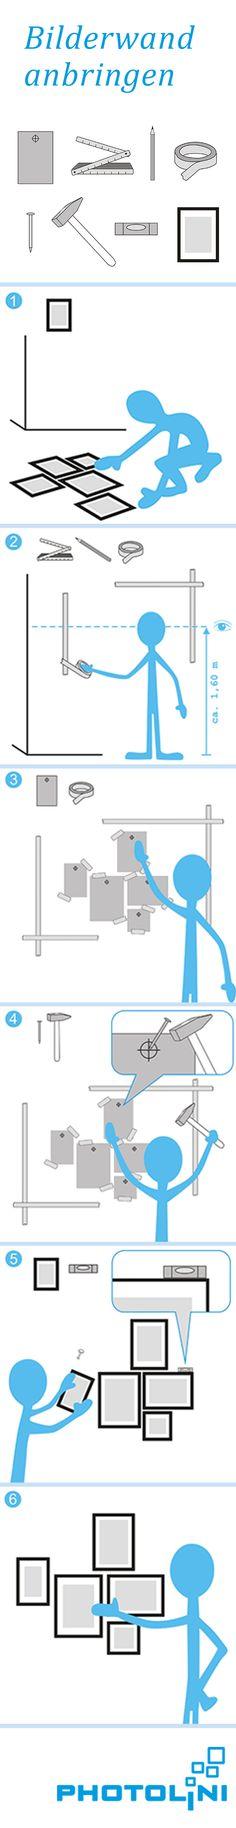 Schritt für Schritt zur eigenen #Bilderwand. Probiere mögliche Anordnungen der Bilderrahmen am besten zuvor auf dem Fußboden aus. Papierschablonen helfen beim Anbringen und Ausrichten deiner Bilderwand. Die Anleitung als Download findest Du auf http://bilderrahmen.photolini.de